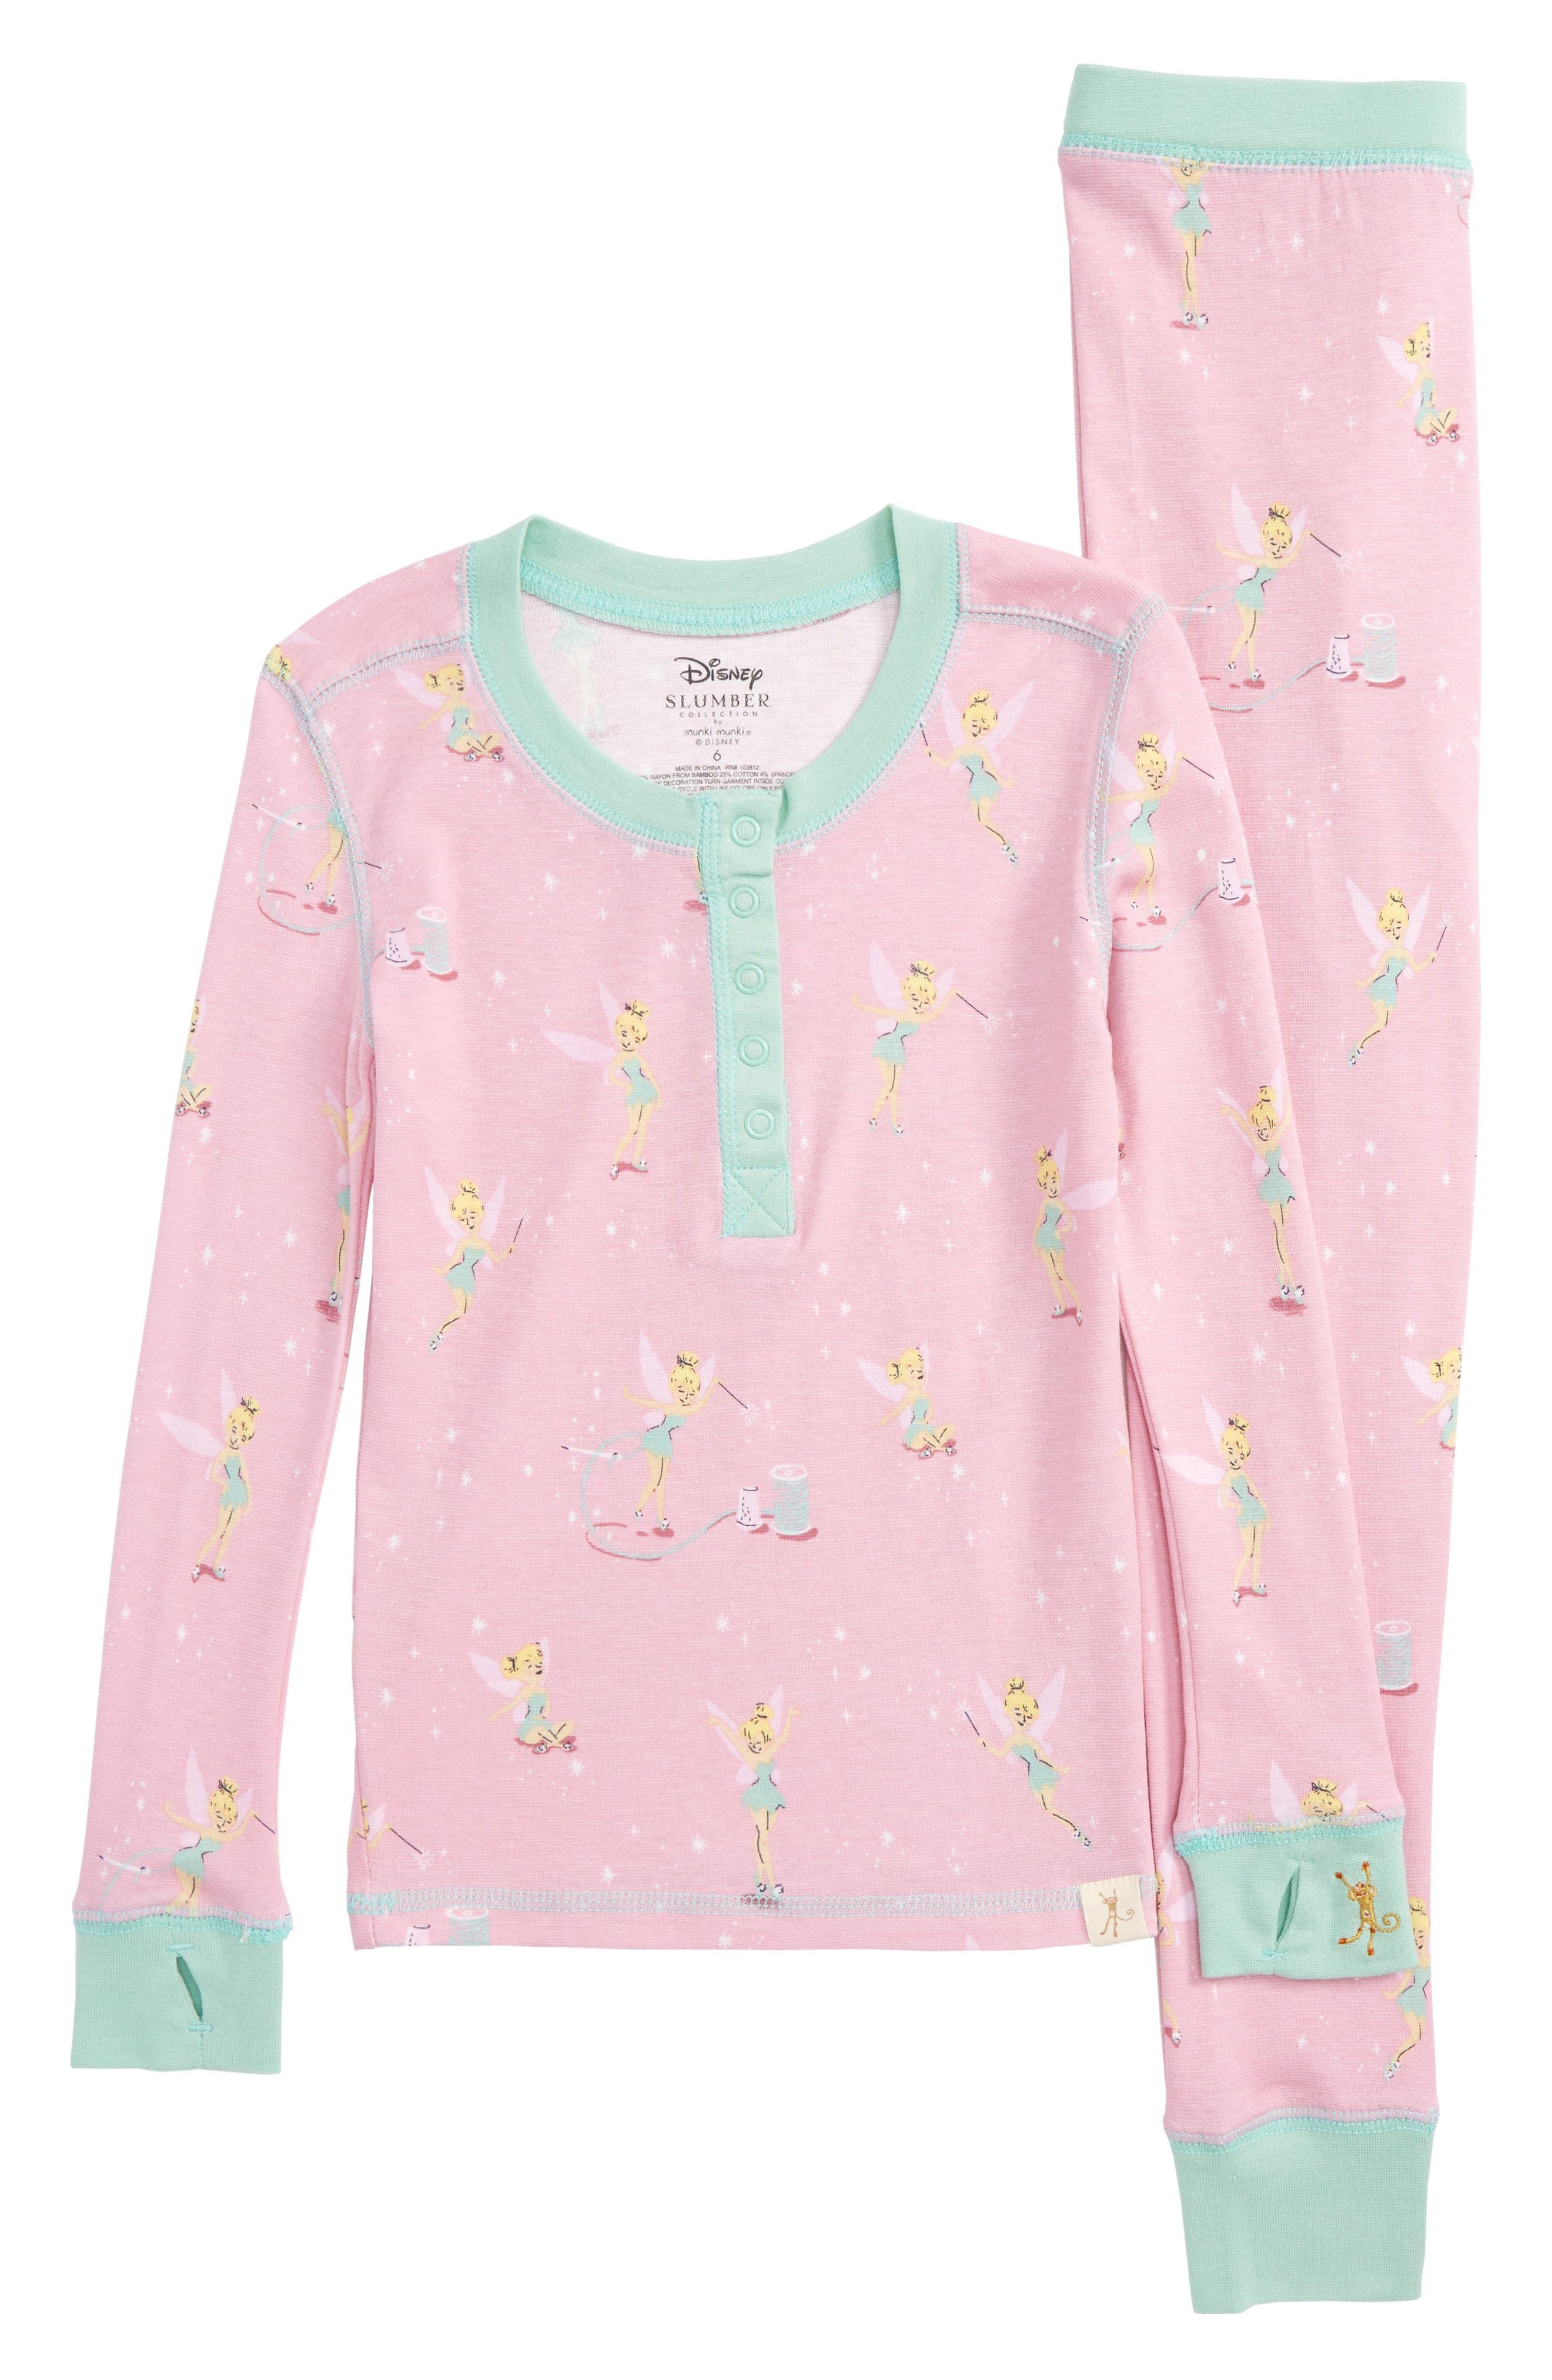 Main Image - Munki Munki Disney – Tinkerbell Fitted Two-Piece Pajamas (Toddler Girls, Little Girls & Big Girls)